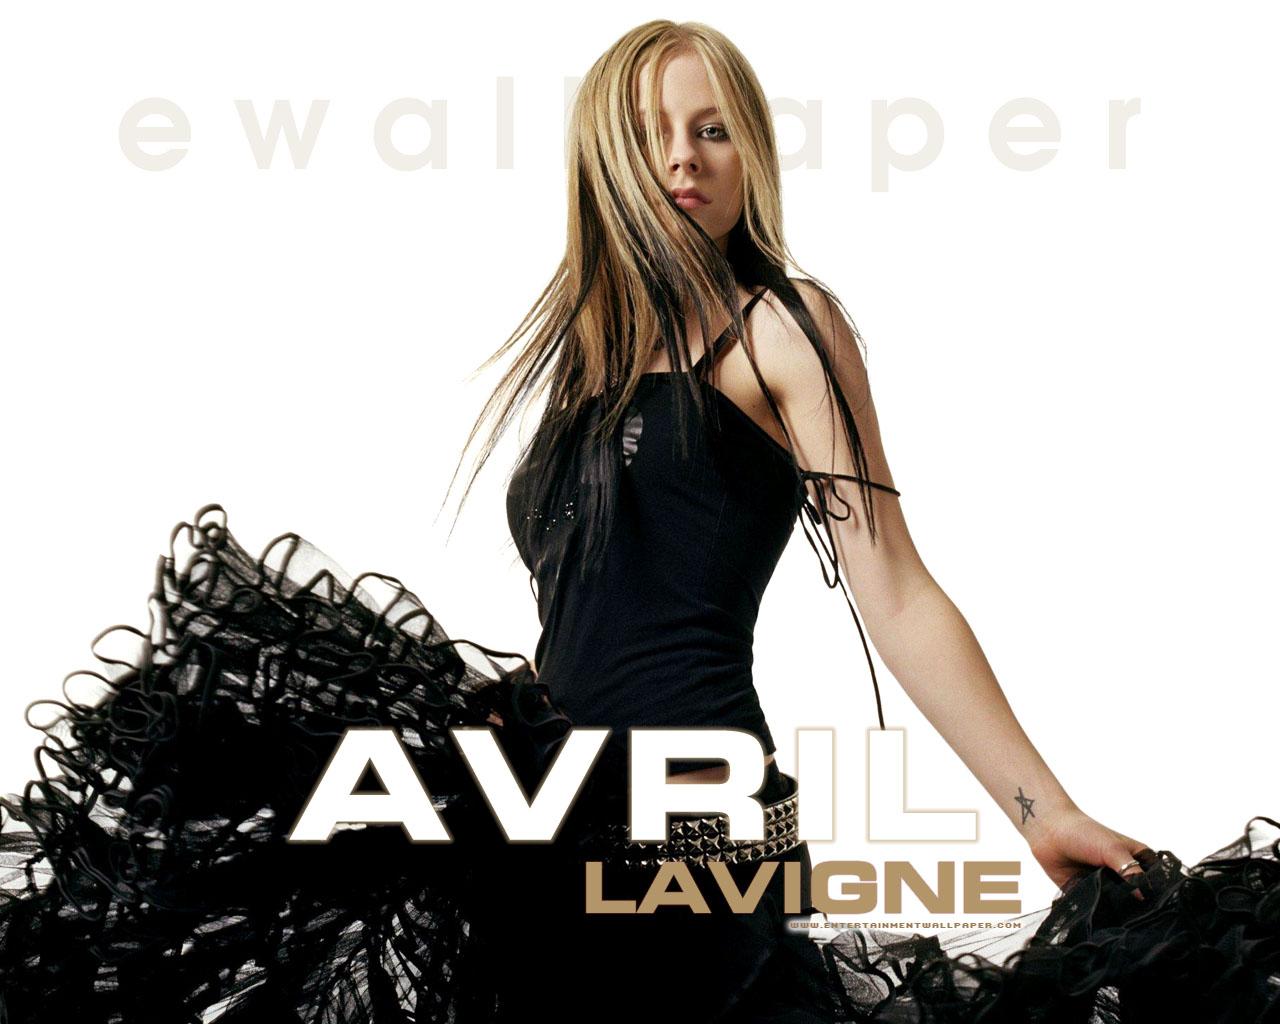 アヴリル・ラヴィーンの画像 p1_18